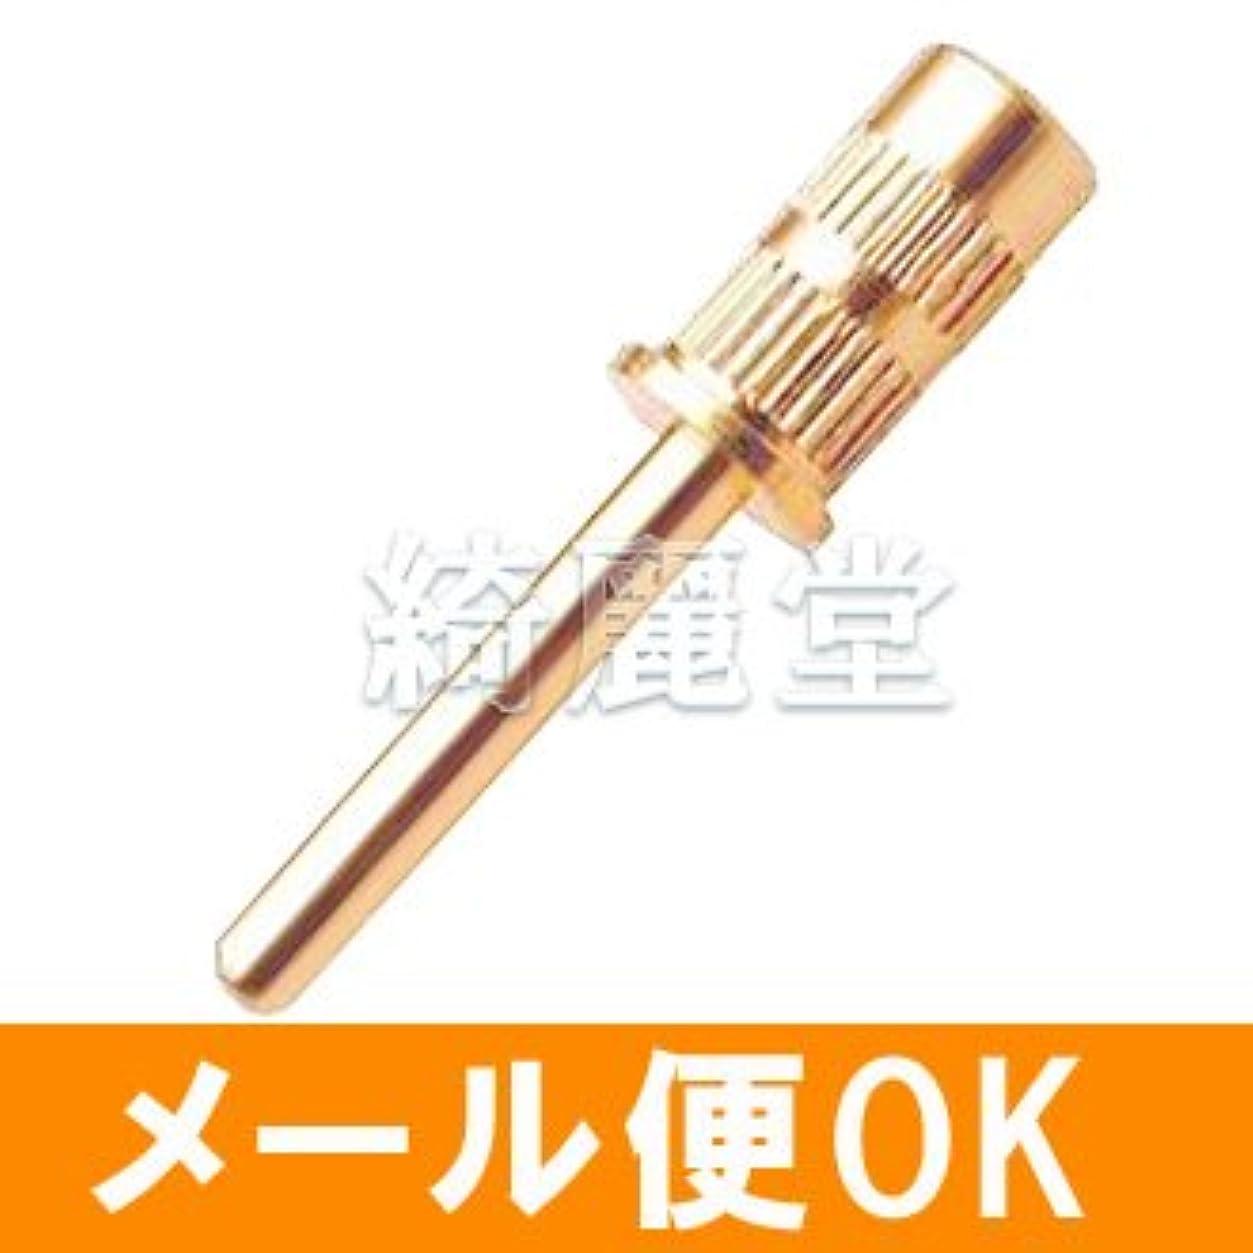 溶かすレザーマラドロイトネイルマシン用 アタッチメントビット(マンドレル)